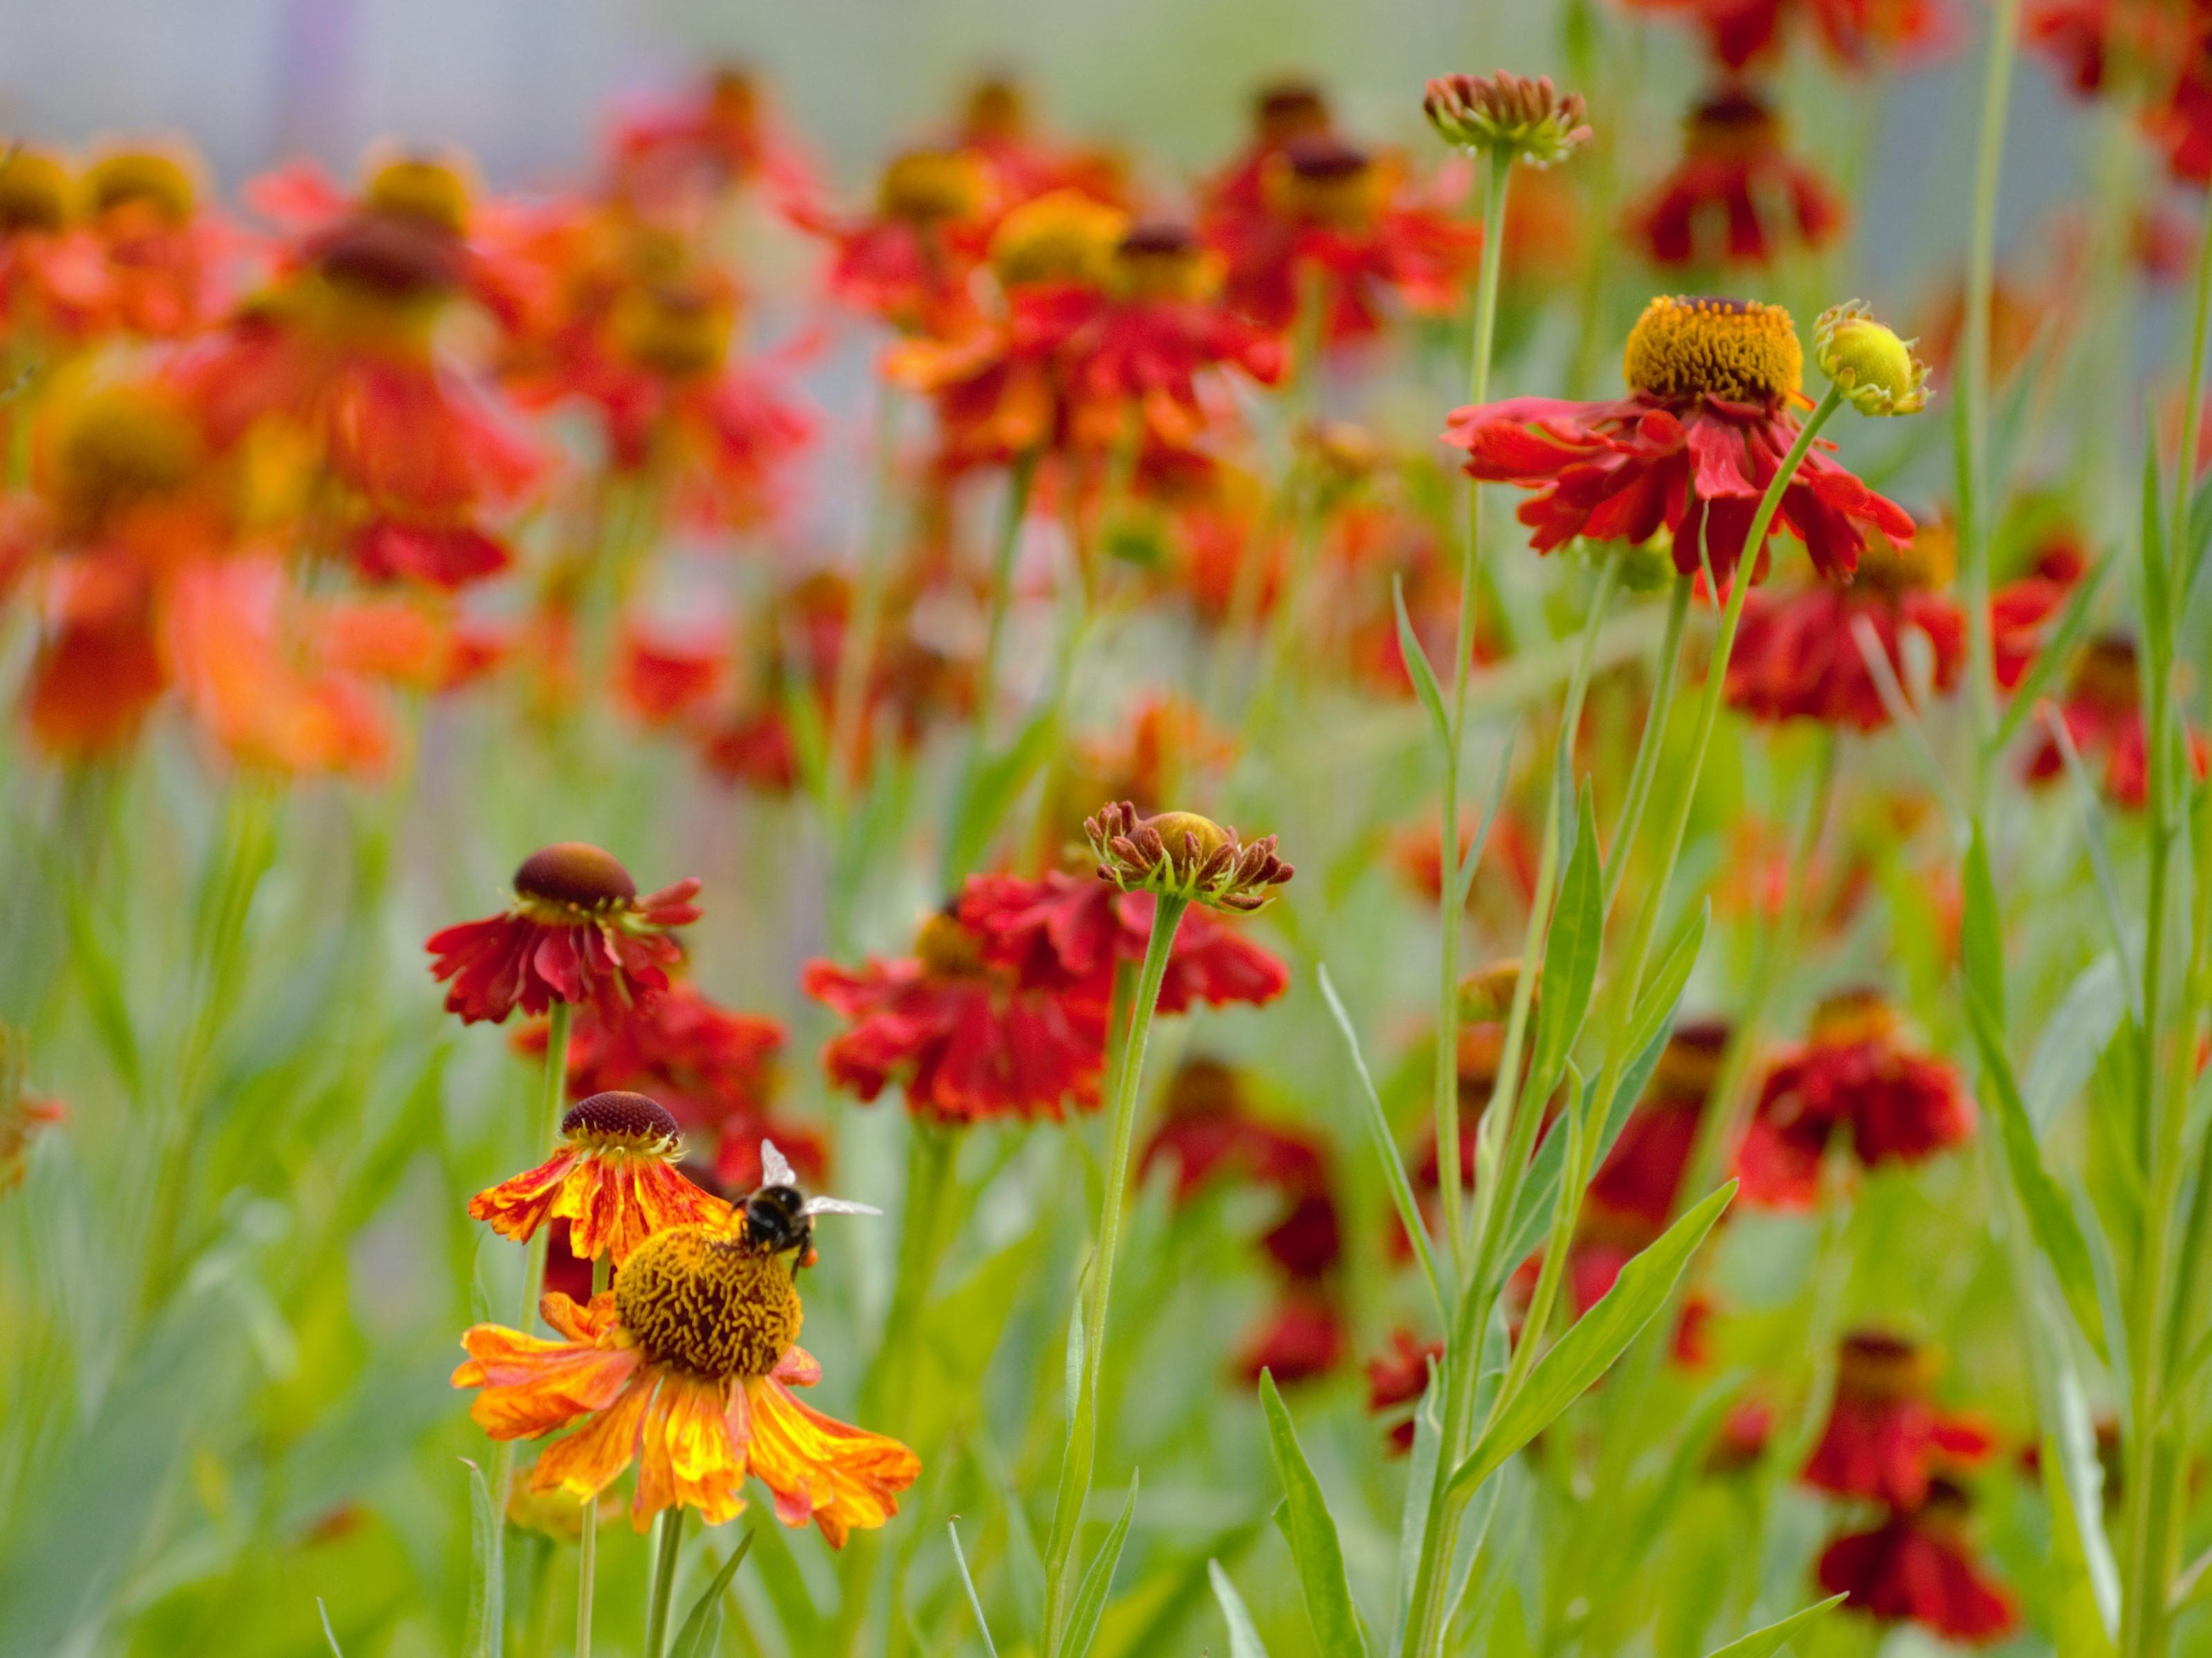 прекрасное цветочное поле. Блиц: красные цветы